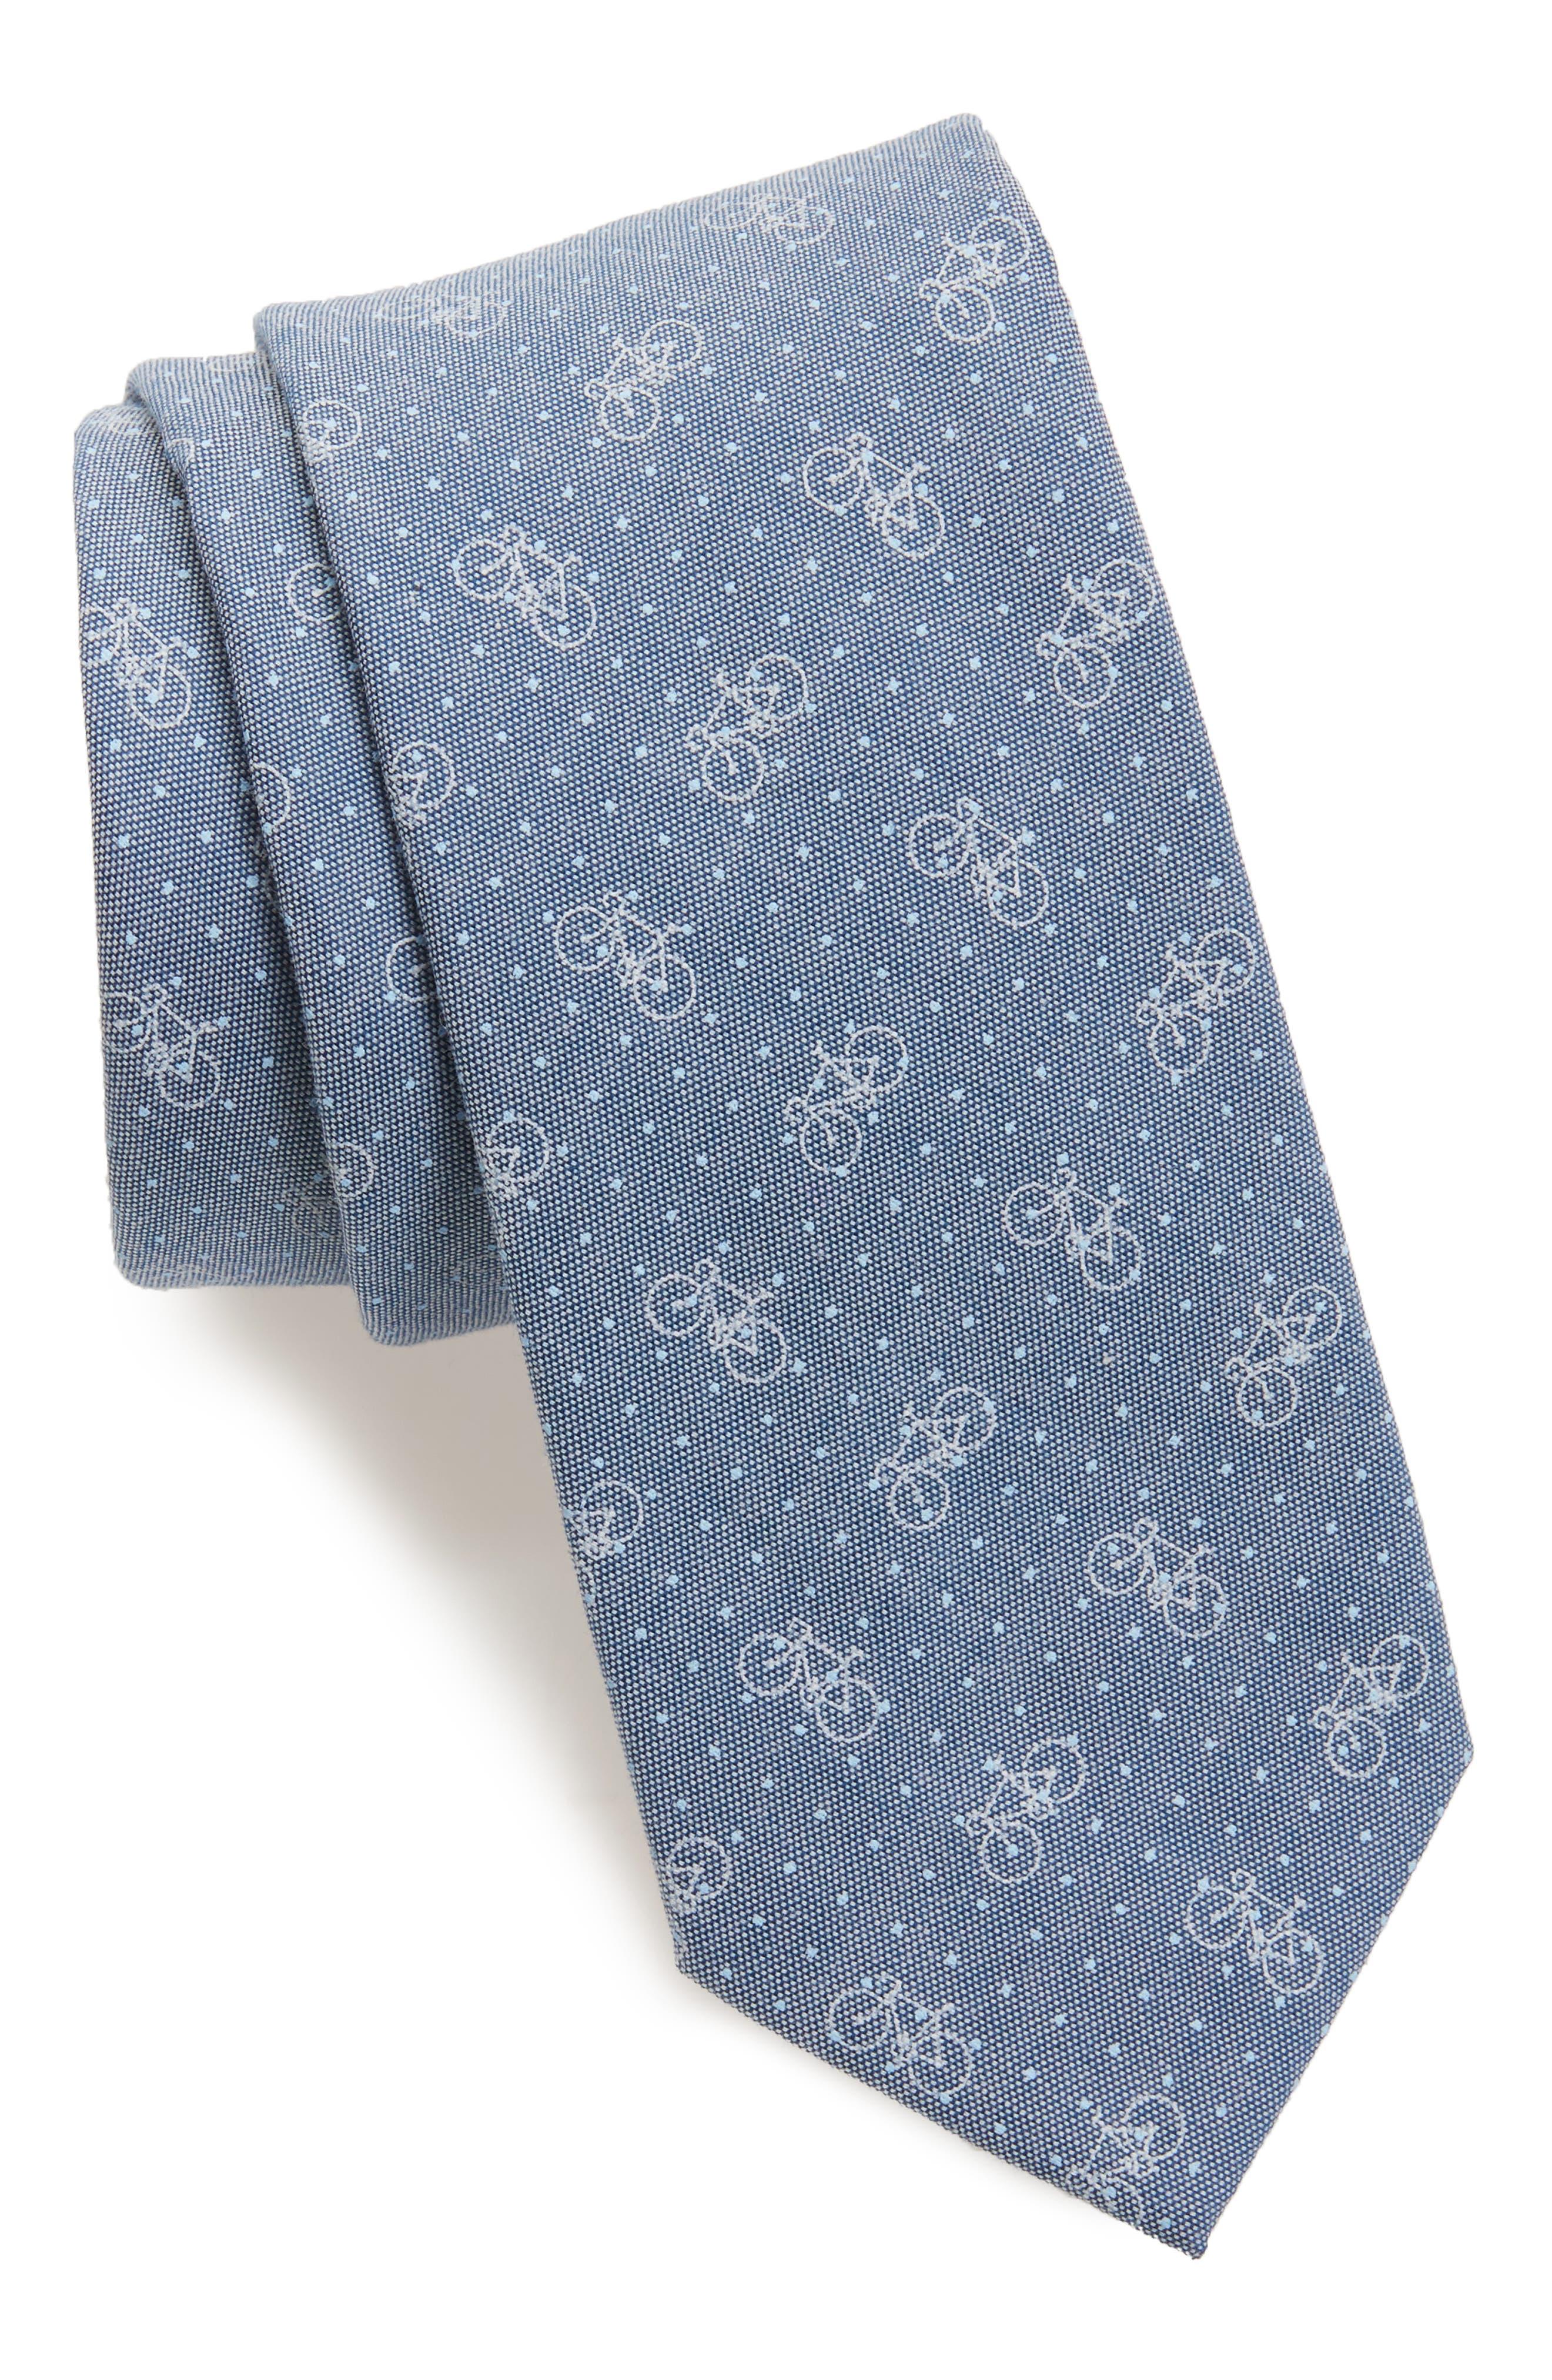 Bicycle & Dot Cotton Tie,                         Main,                         color, Blue